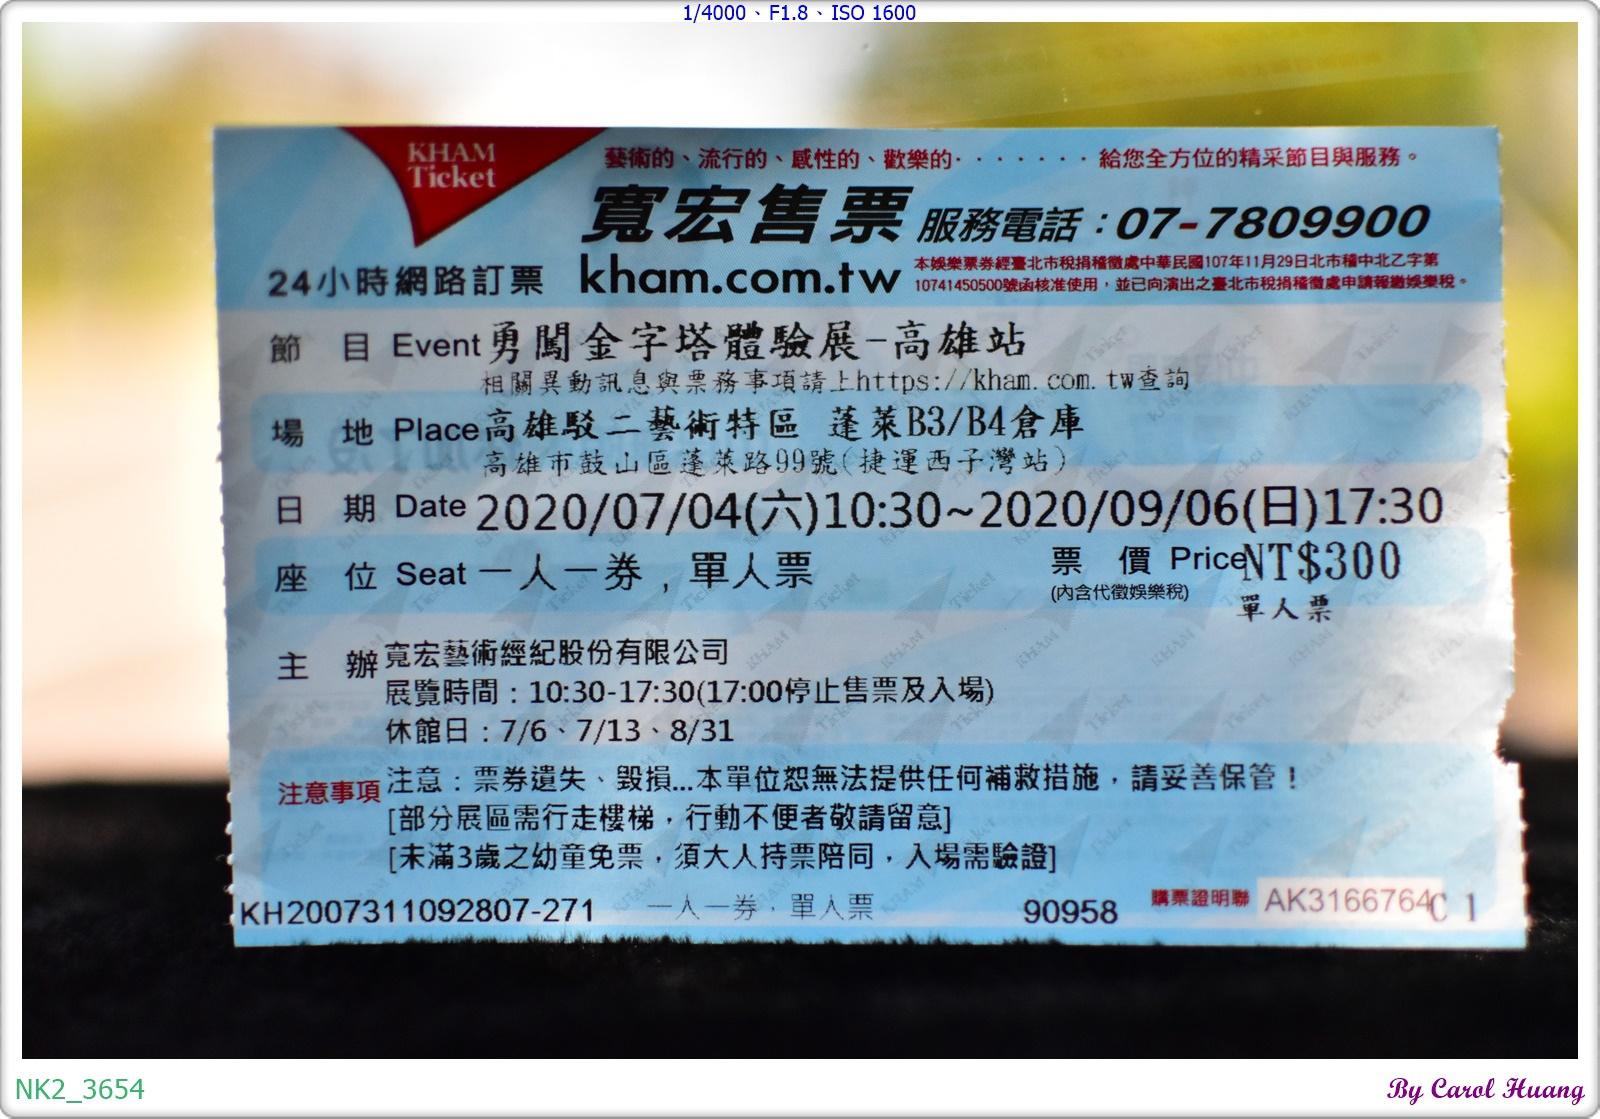 NK2_3654.JPG